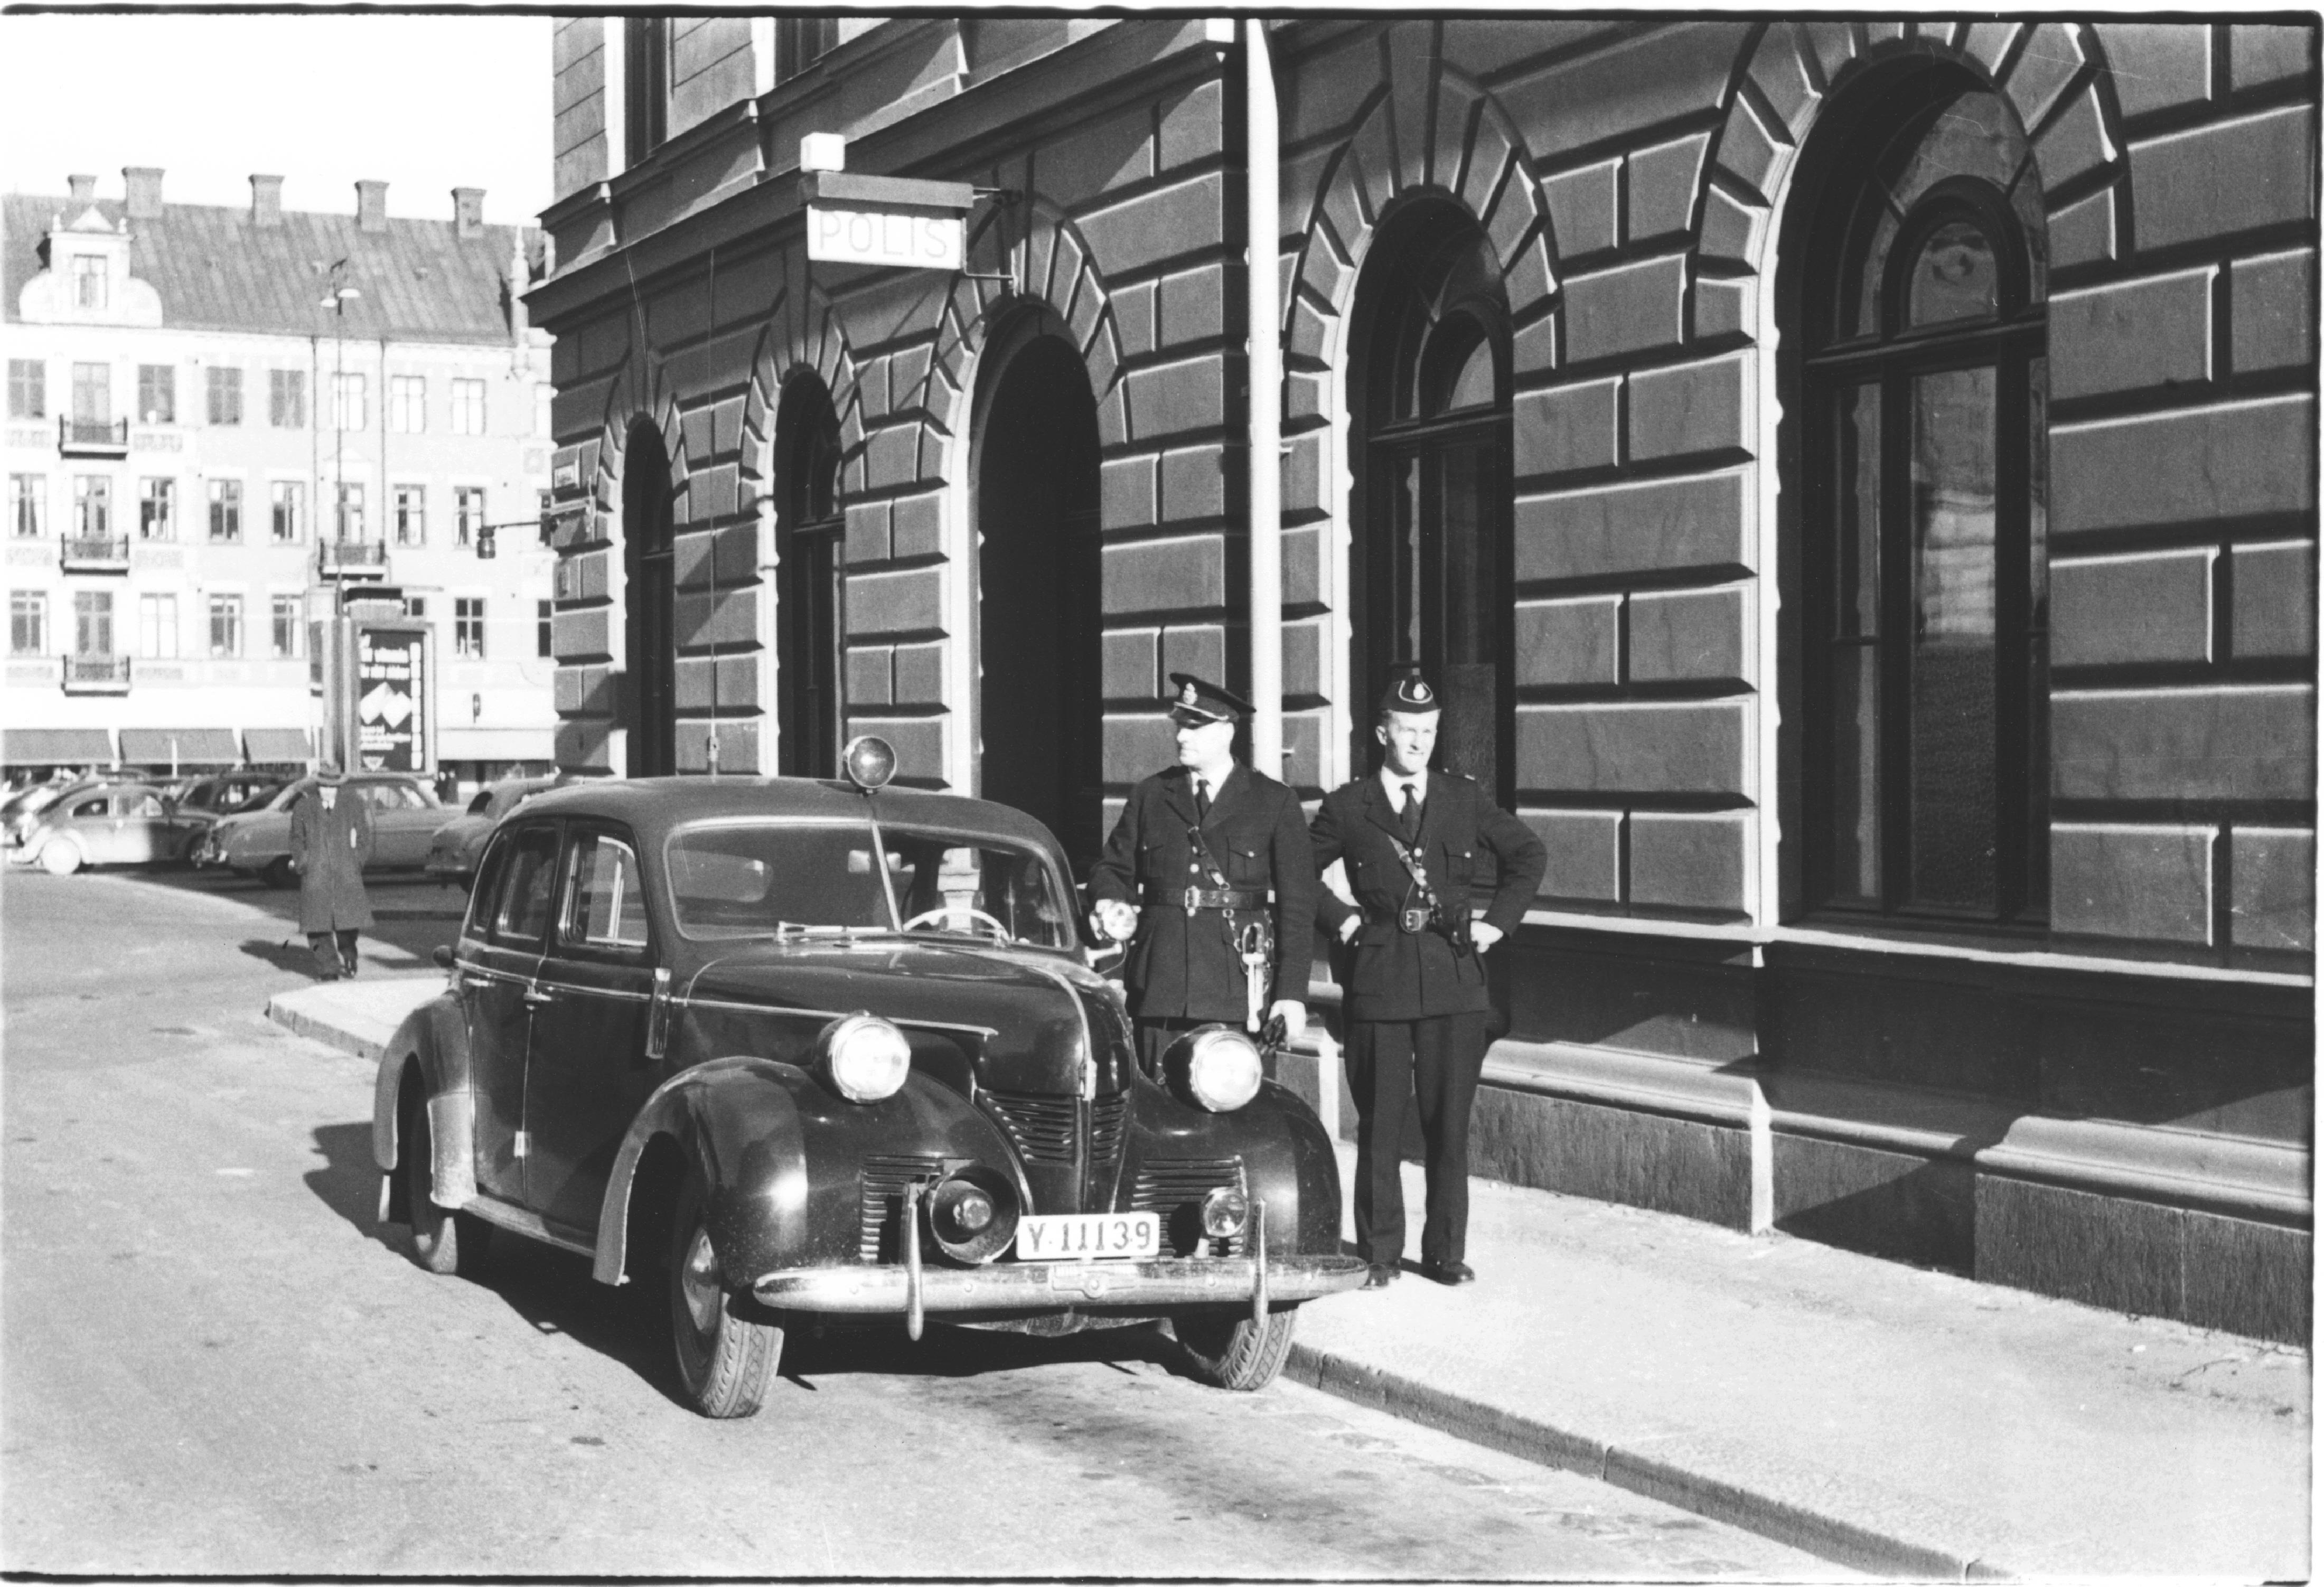 Fredagsseminarium- Stadshusets polishistoria